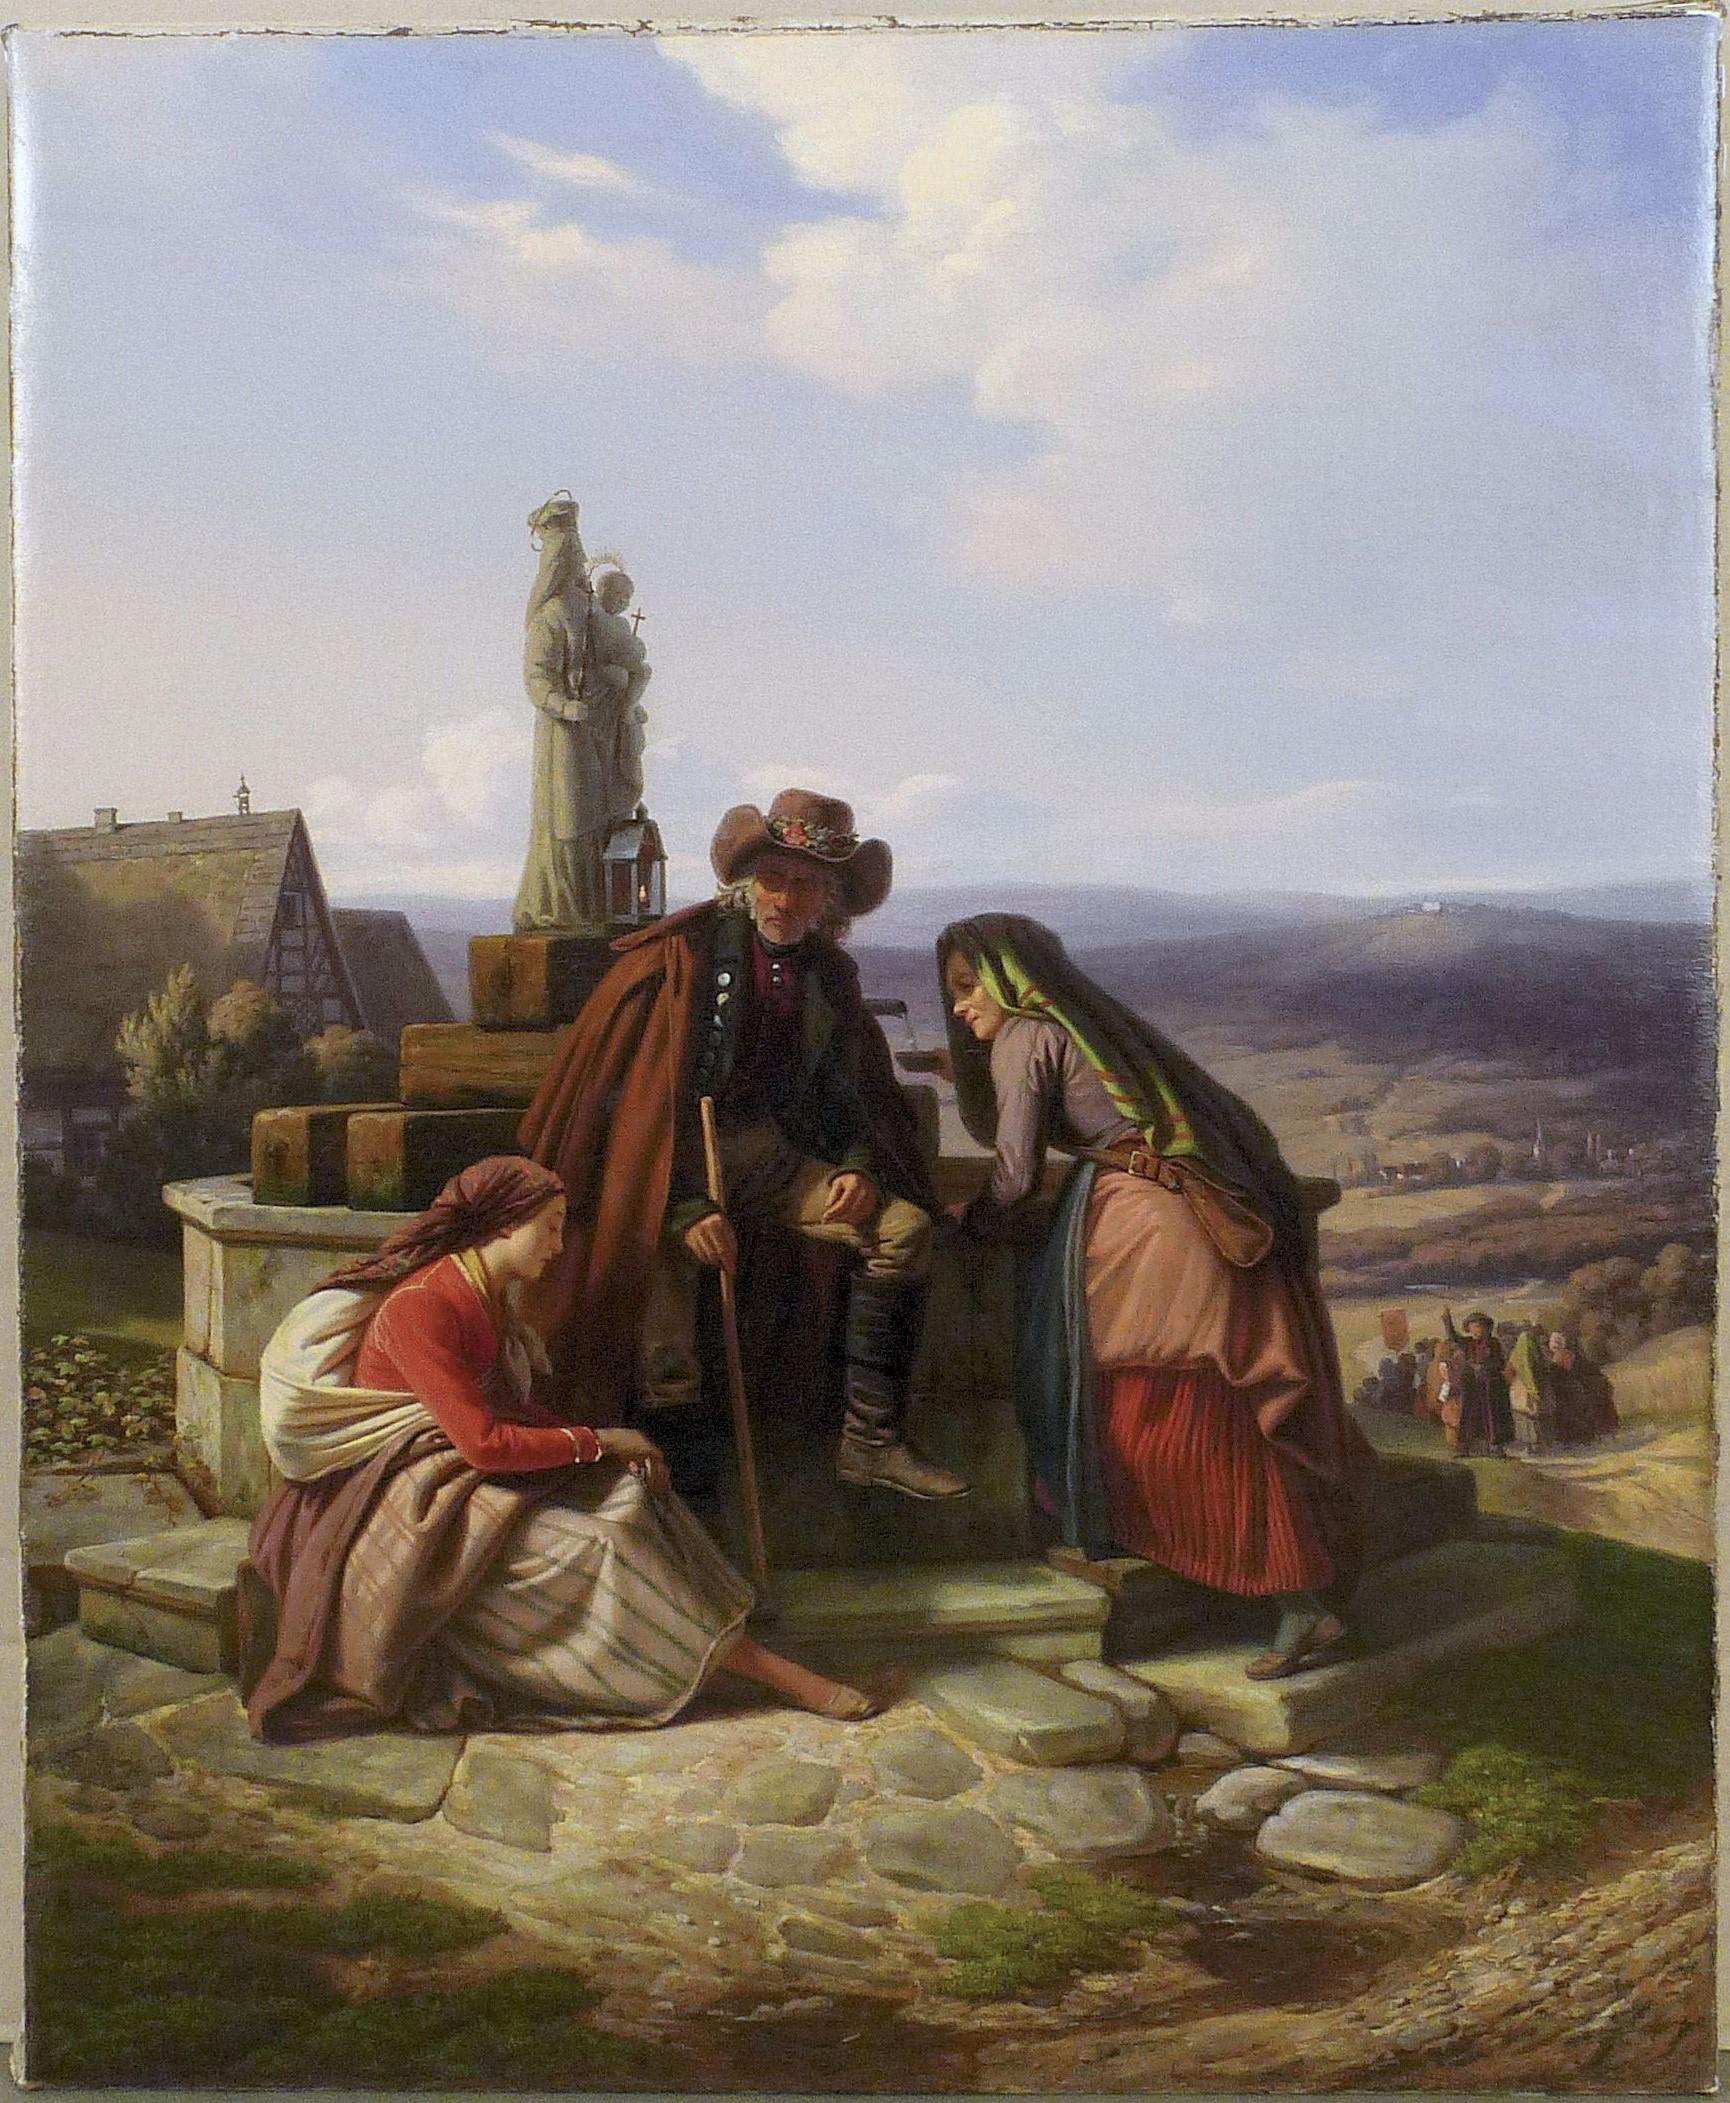 Ludwig Most, Bawarscy chłopi podczas pielgrzymki do Maria-Culm, 1843, olej na płótnie, obraz po konserwacji, Muzeum Narodowe w Szczecinie